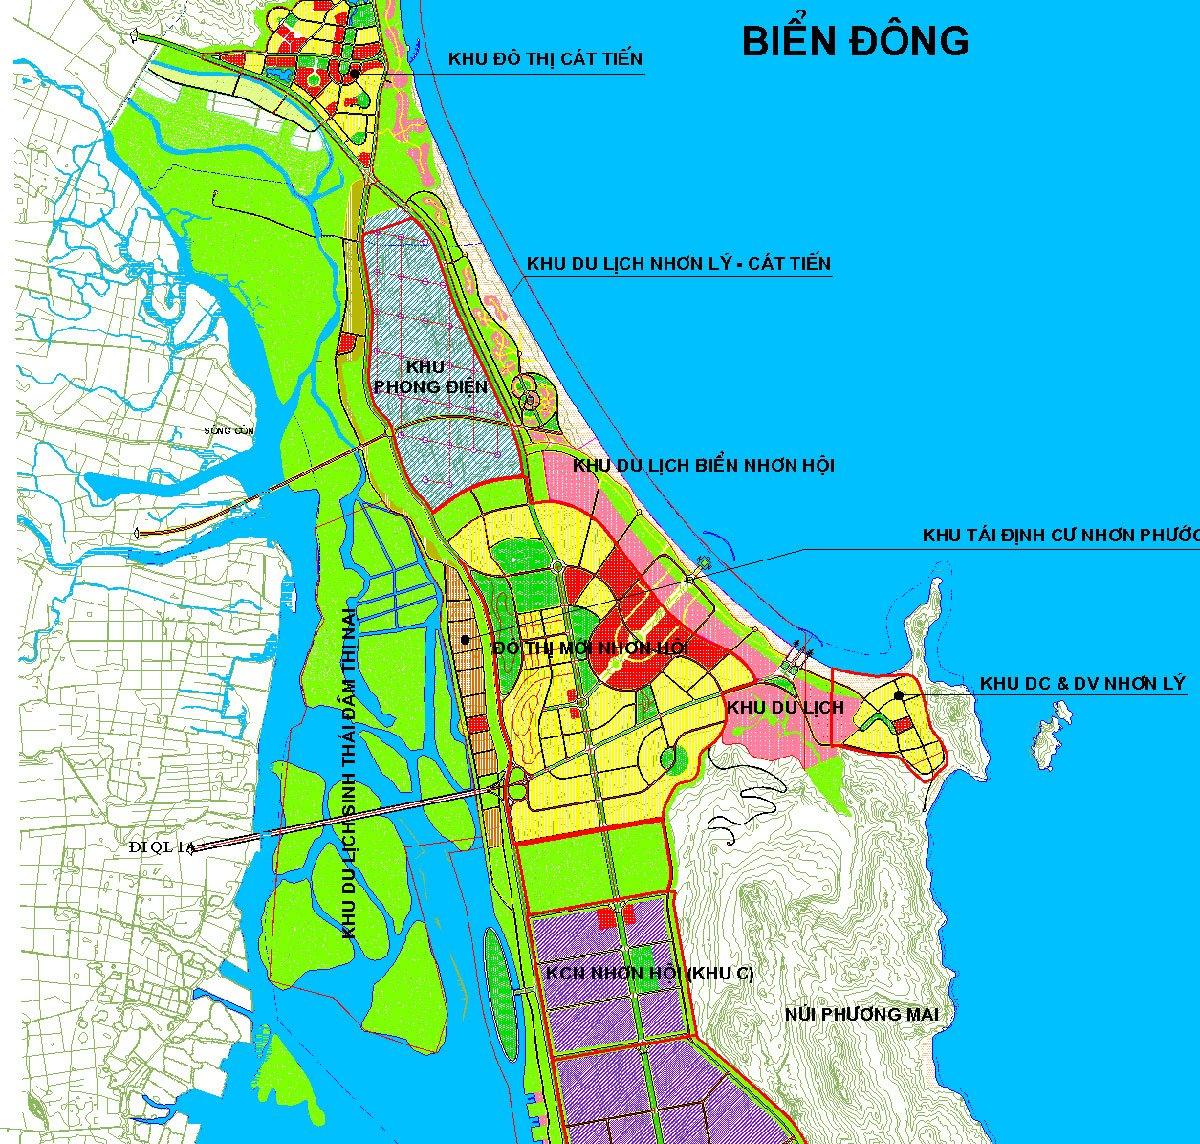 Vị trí tiếp giáp Dự án Khu đô thị du lịch sinh thái Nhơn Hội